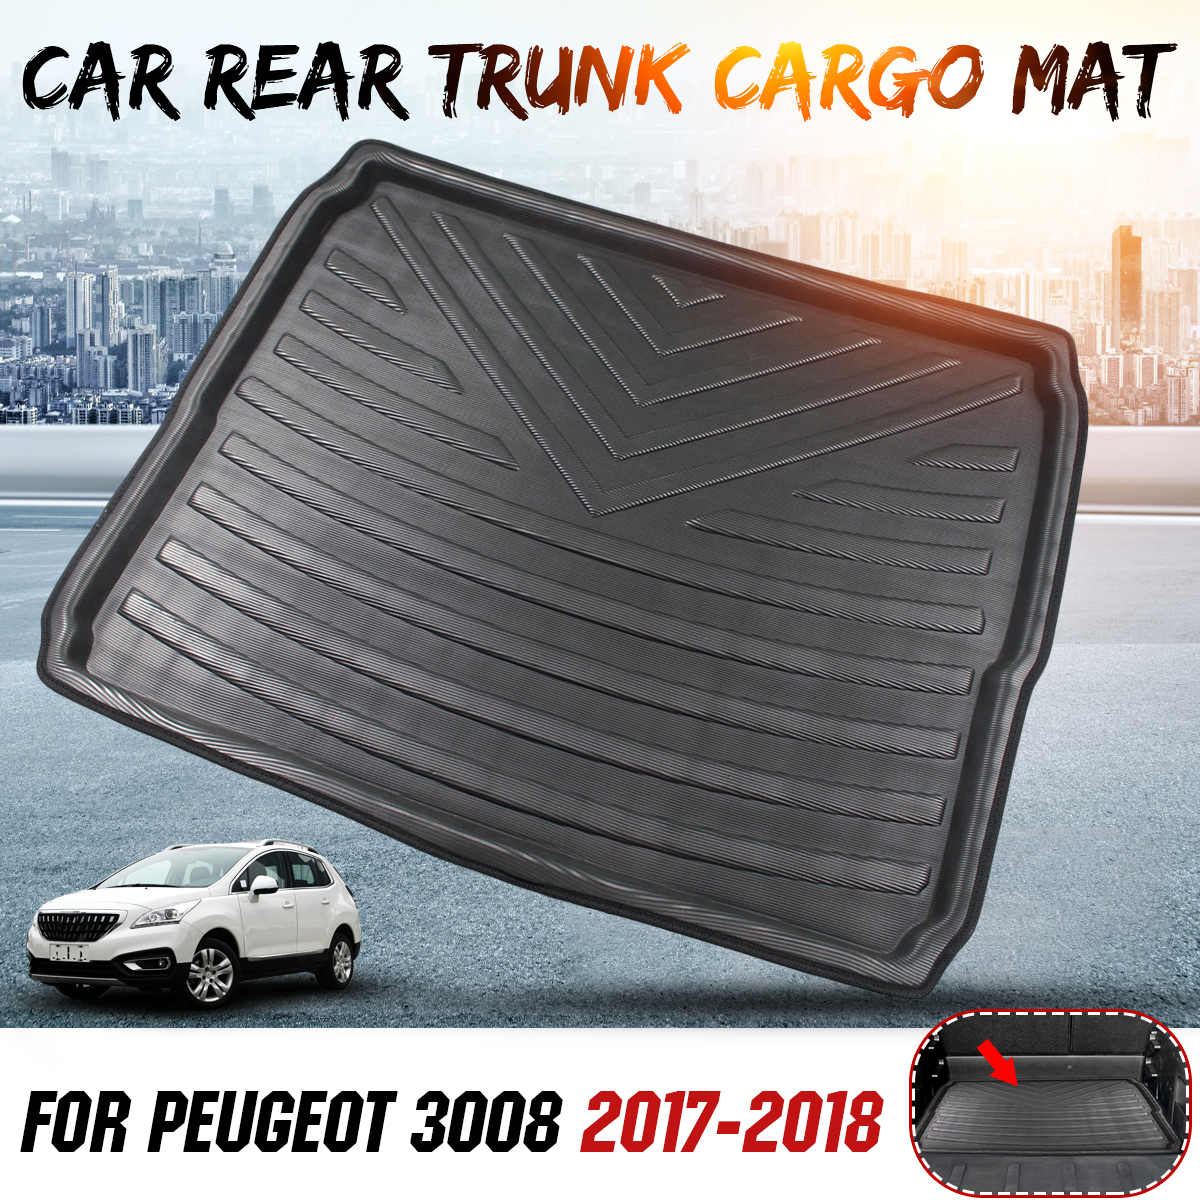 Interior del coche de carga de arranque bandeja trasera maletero cubierta Matt alfombra piso alfombra tiro Pad para Peugeot 3008, 2017, 2018